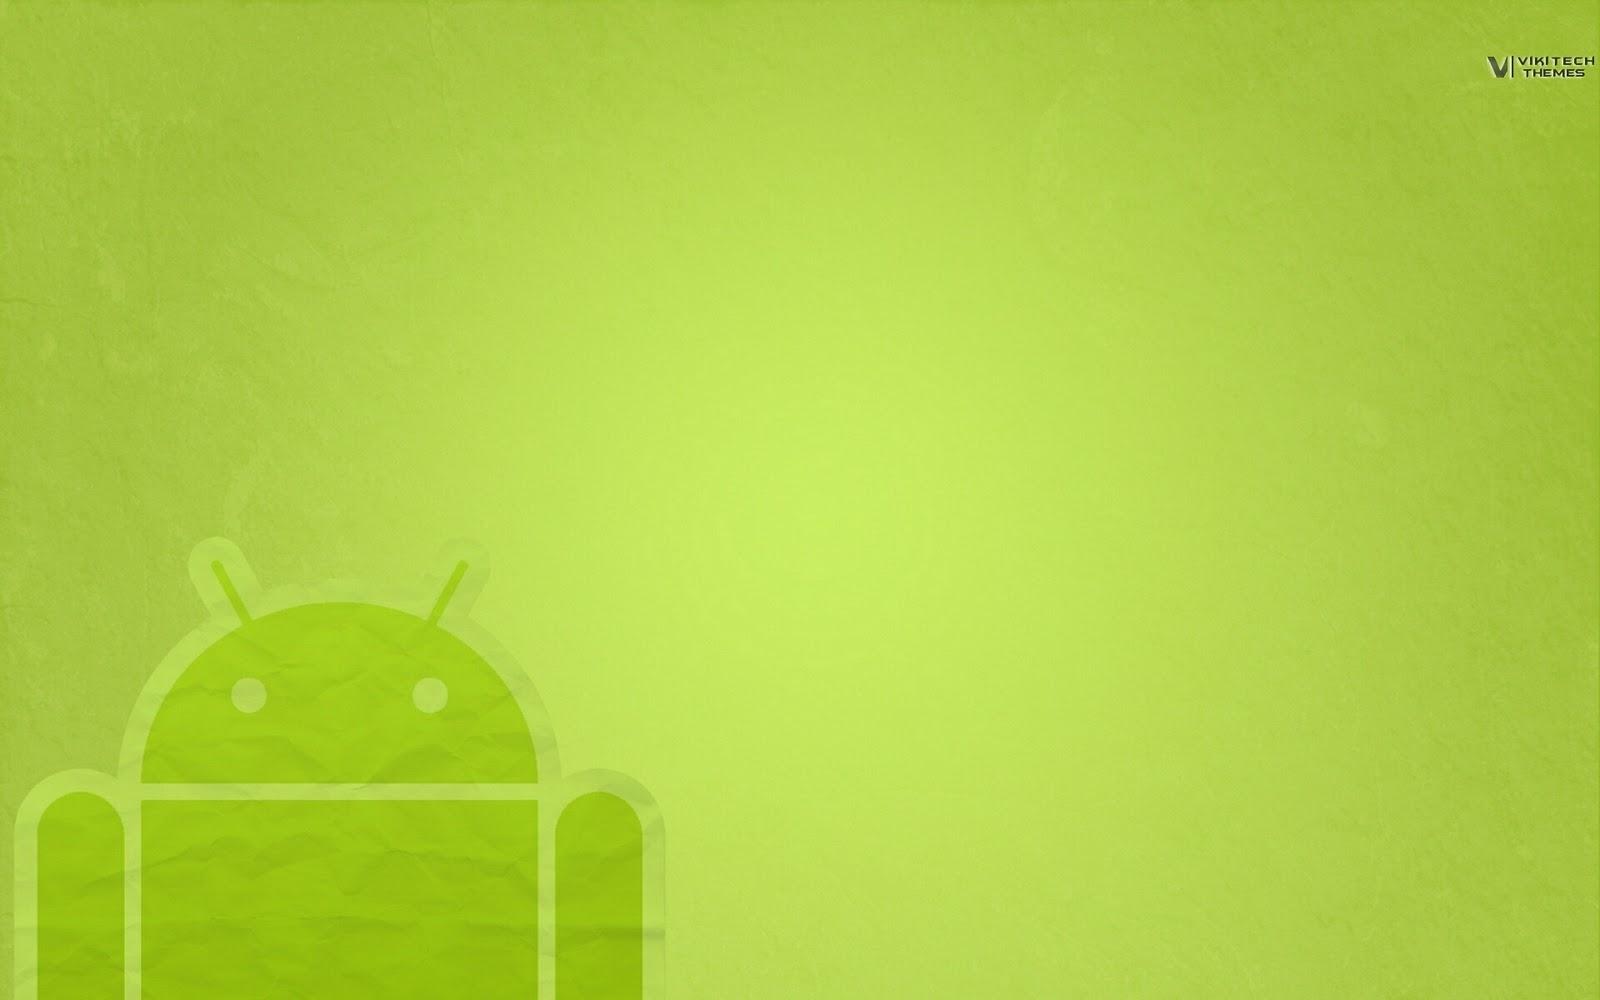 http://1.bp.blogspot.com/_E26Ndy_oKVc/TPlpkLOoJxI/AAAAAAAAAw0/QZTE9aoRLCQ/s1600/Wallpaper+Android+%25282%2529.jpg